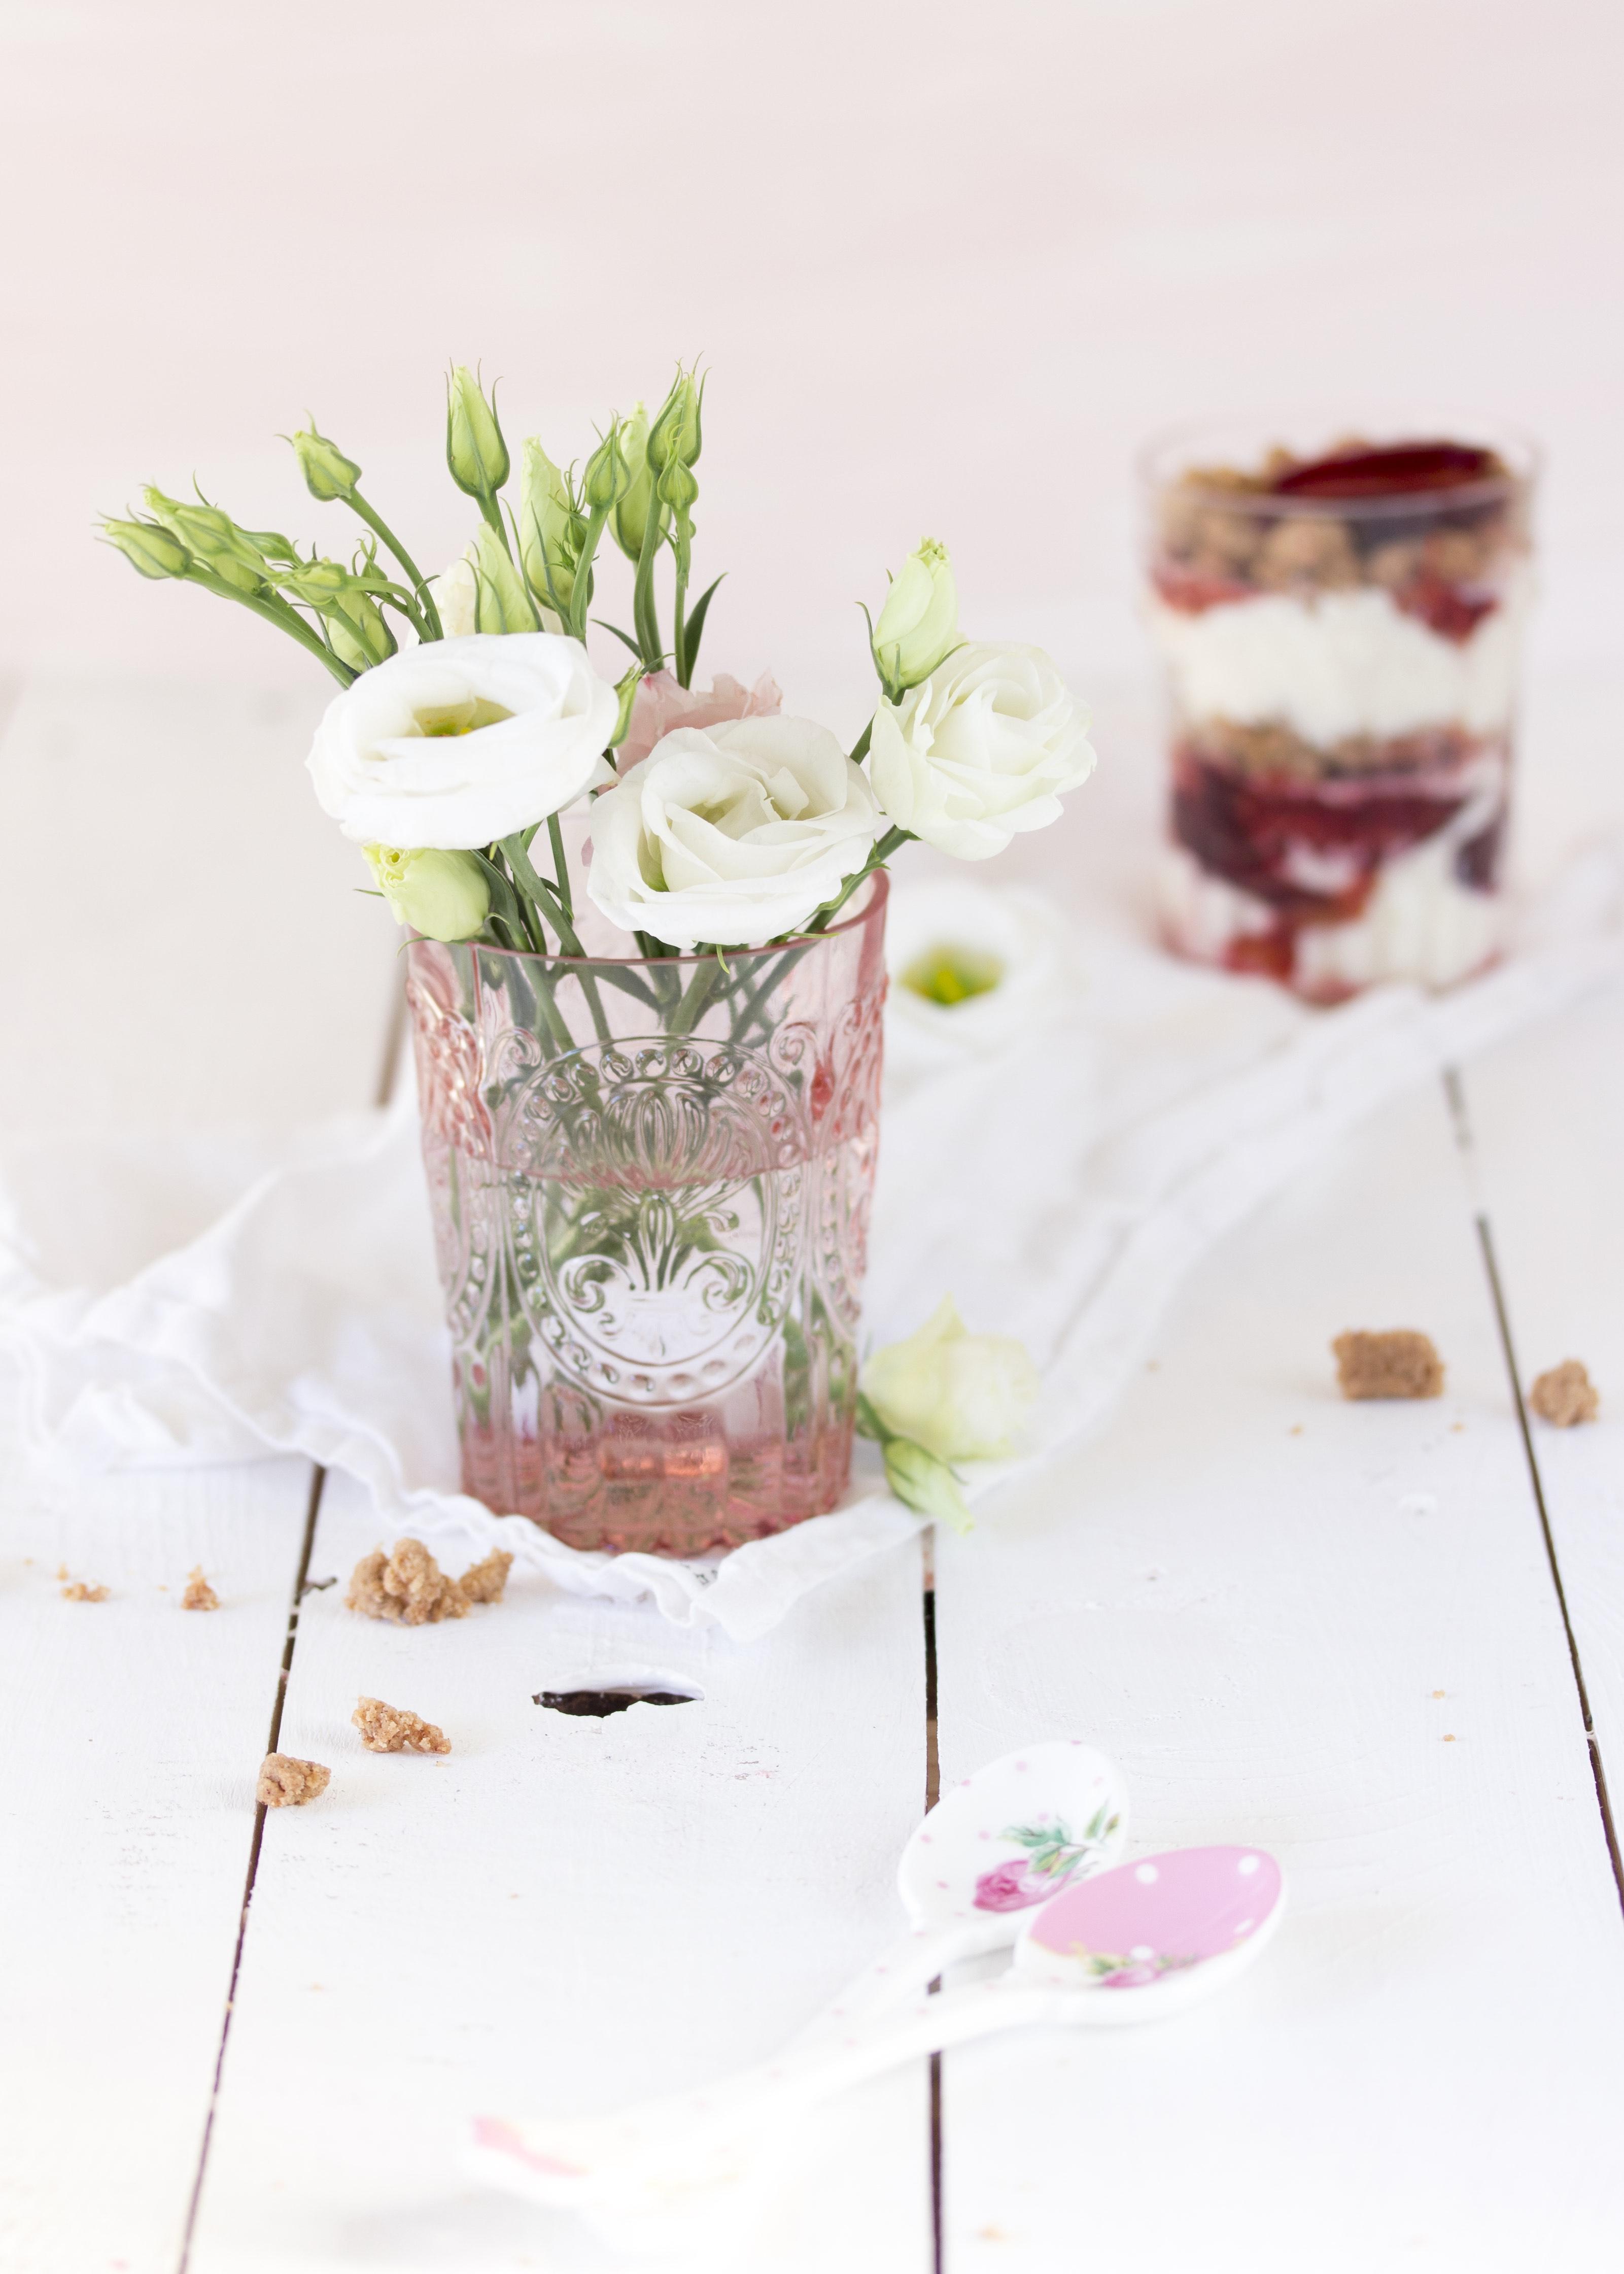 Blumen und ein Dessert im Glas